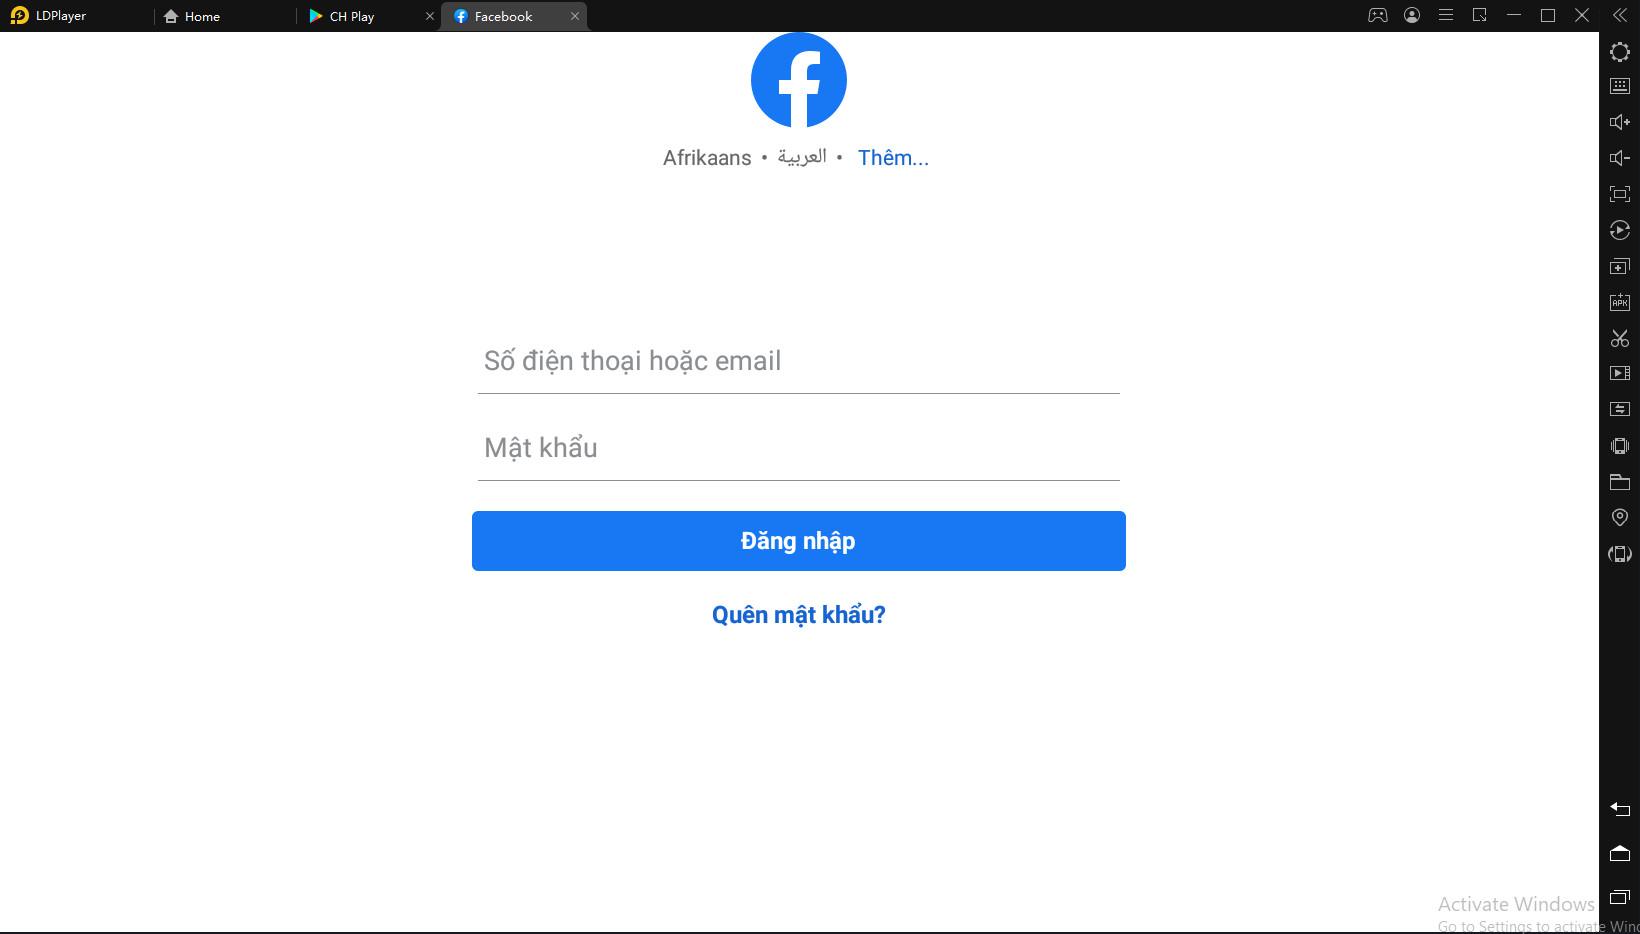 Cách khắc phục lỗi không đăng nhập được game bằng tải khoản Facebook